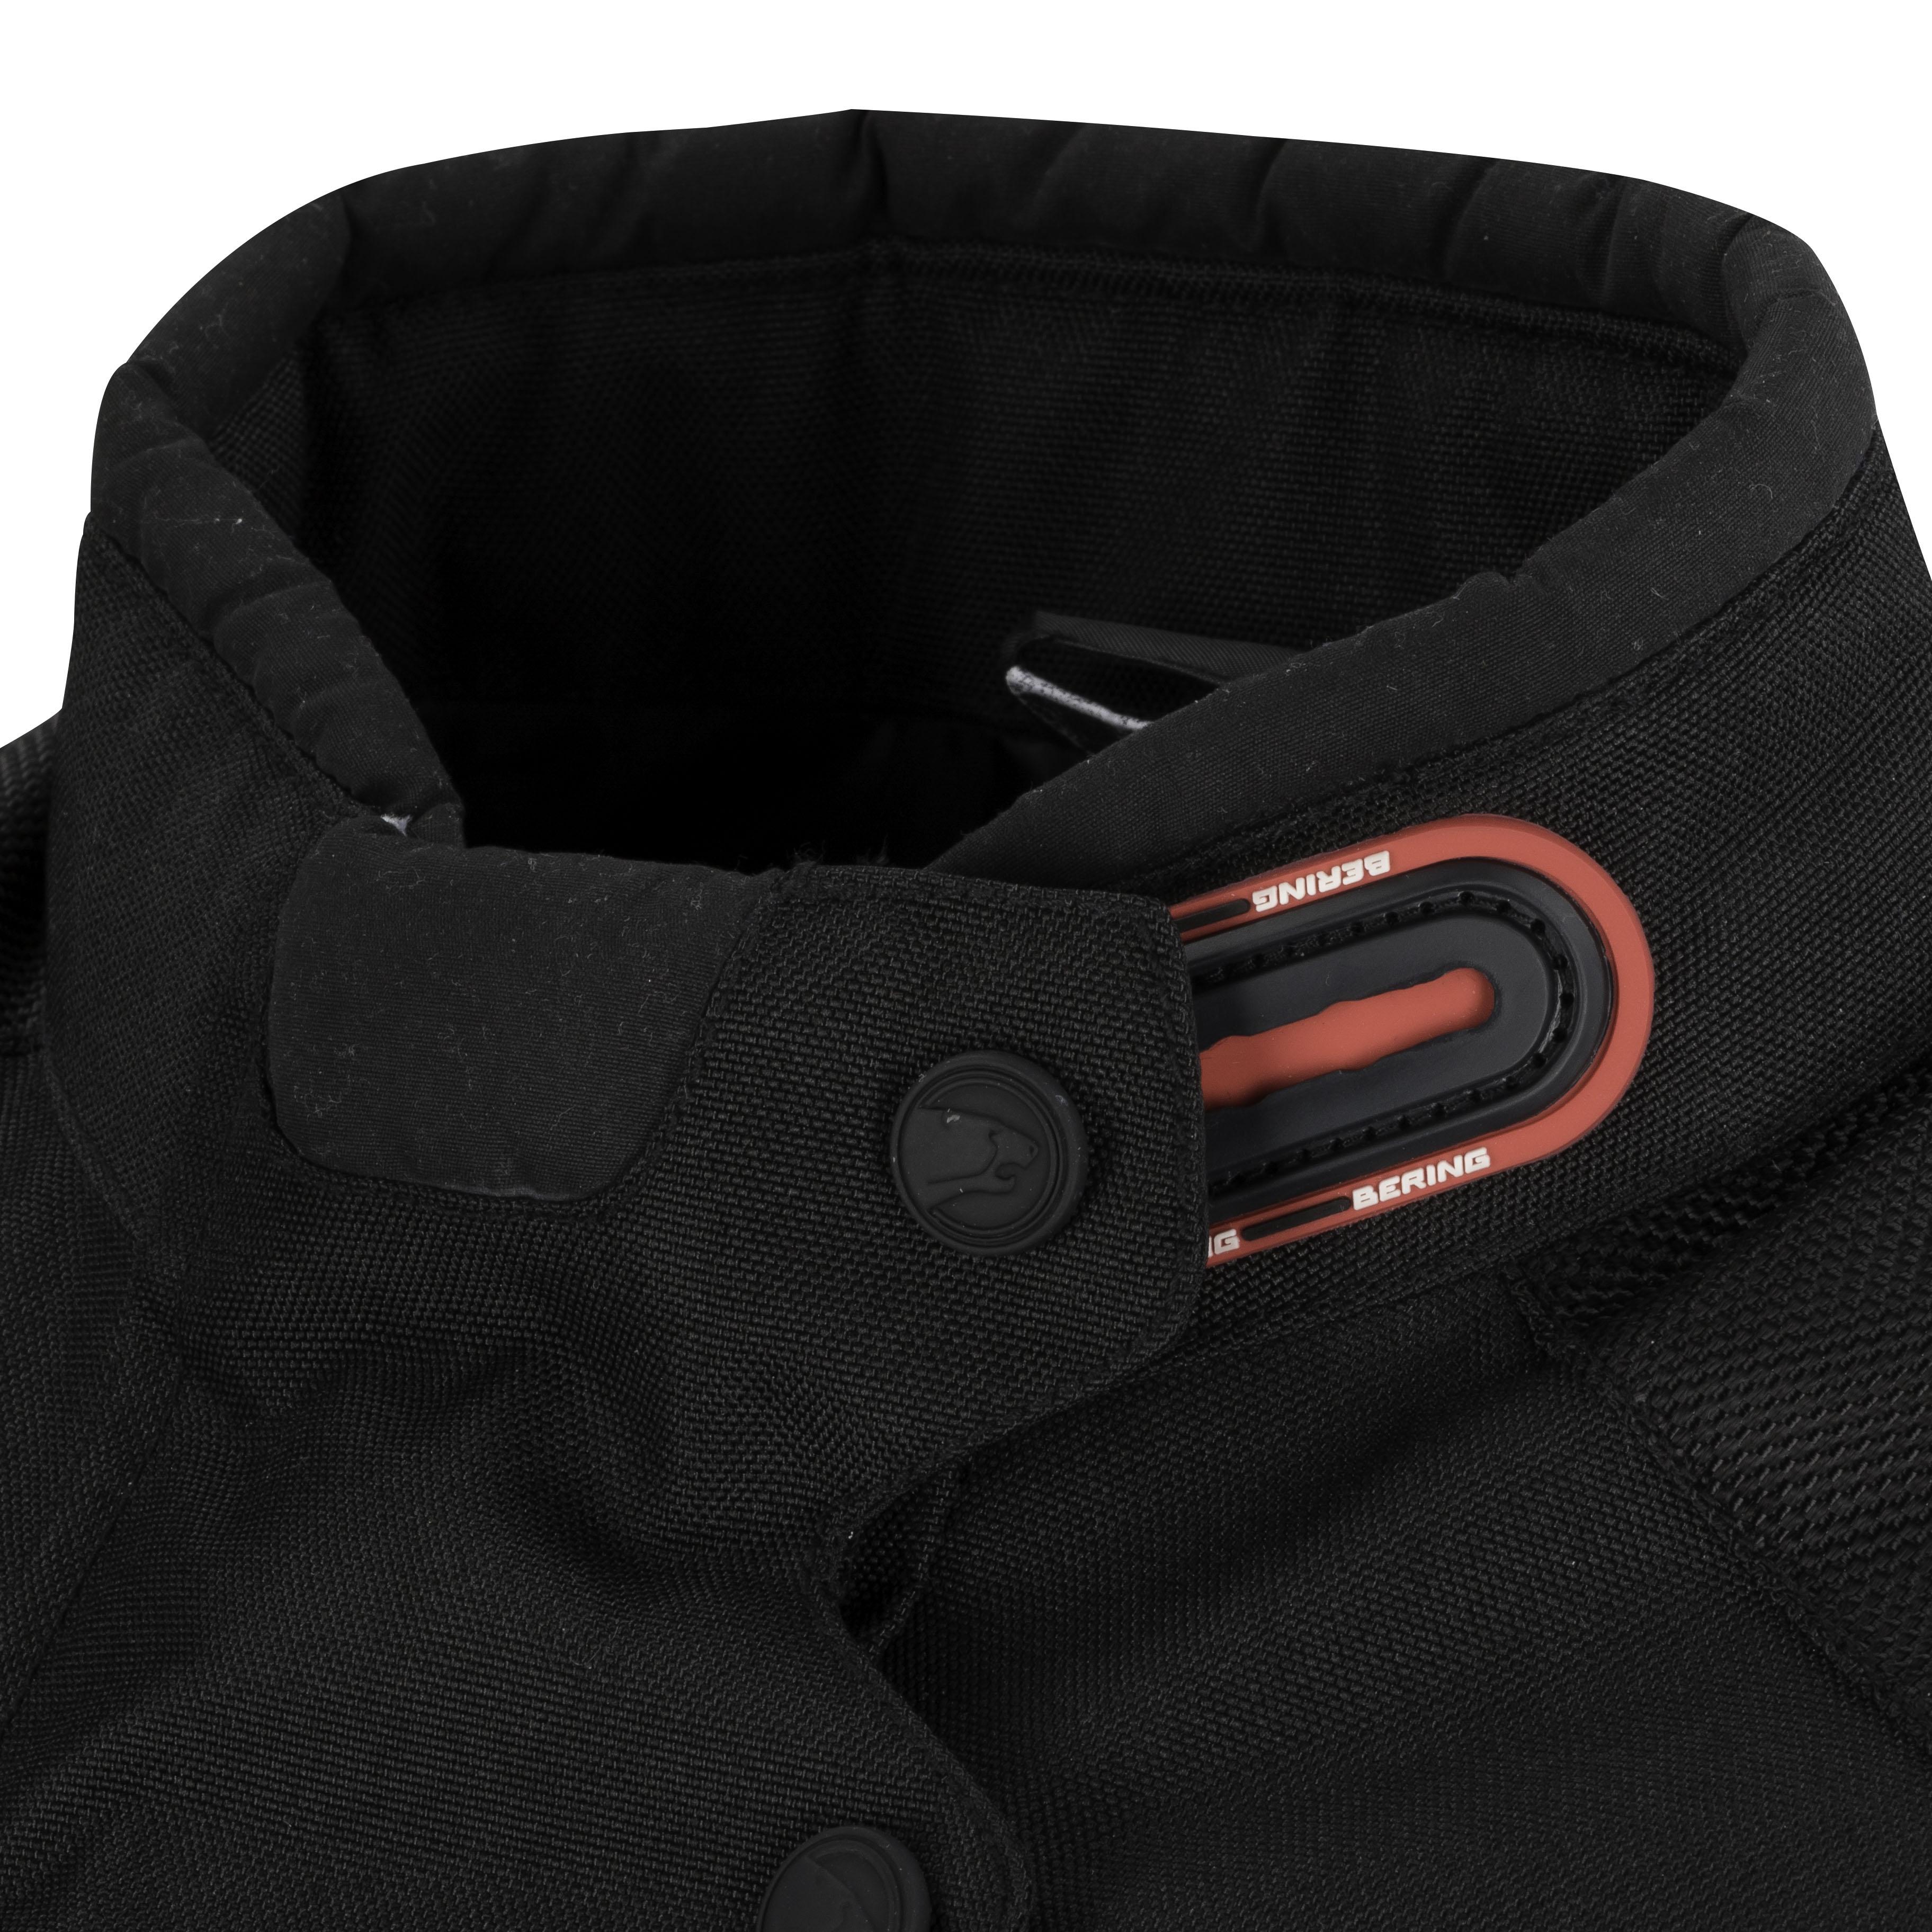 Lady Darko - BTV510 - Női textil dzseki - Bering motoros ruházat ... 9fdbd48cad